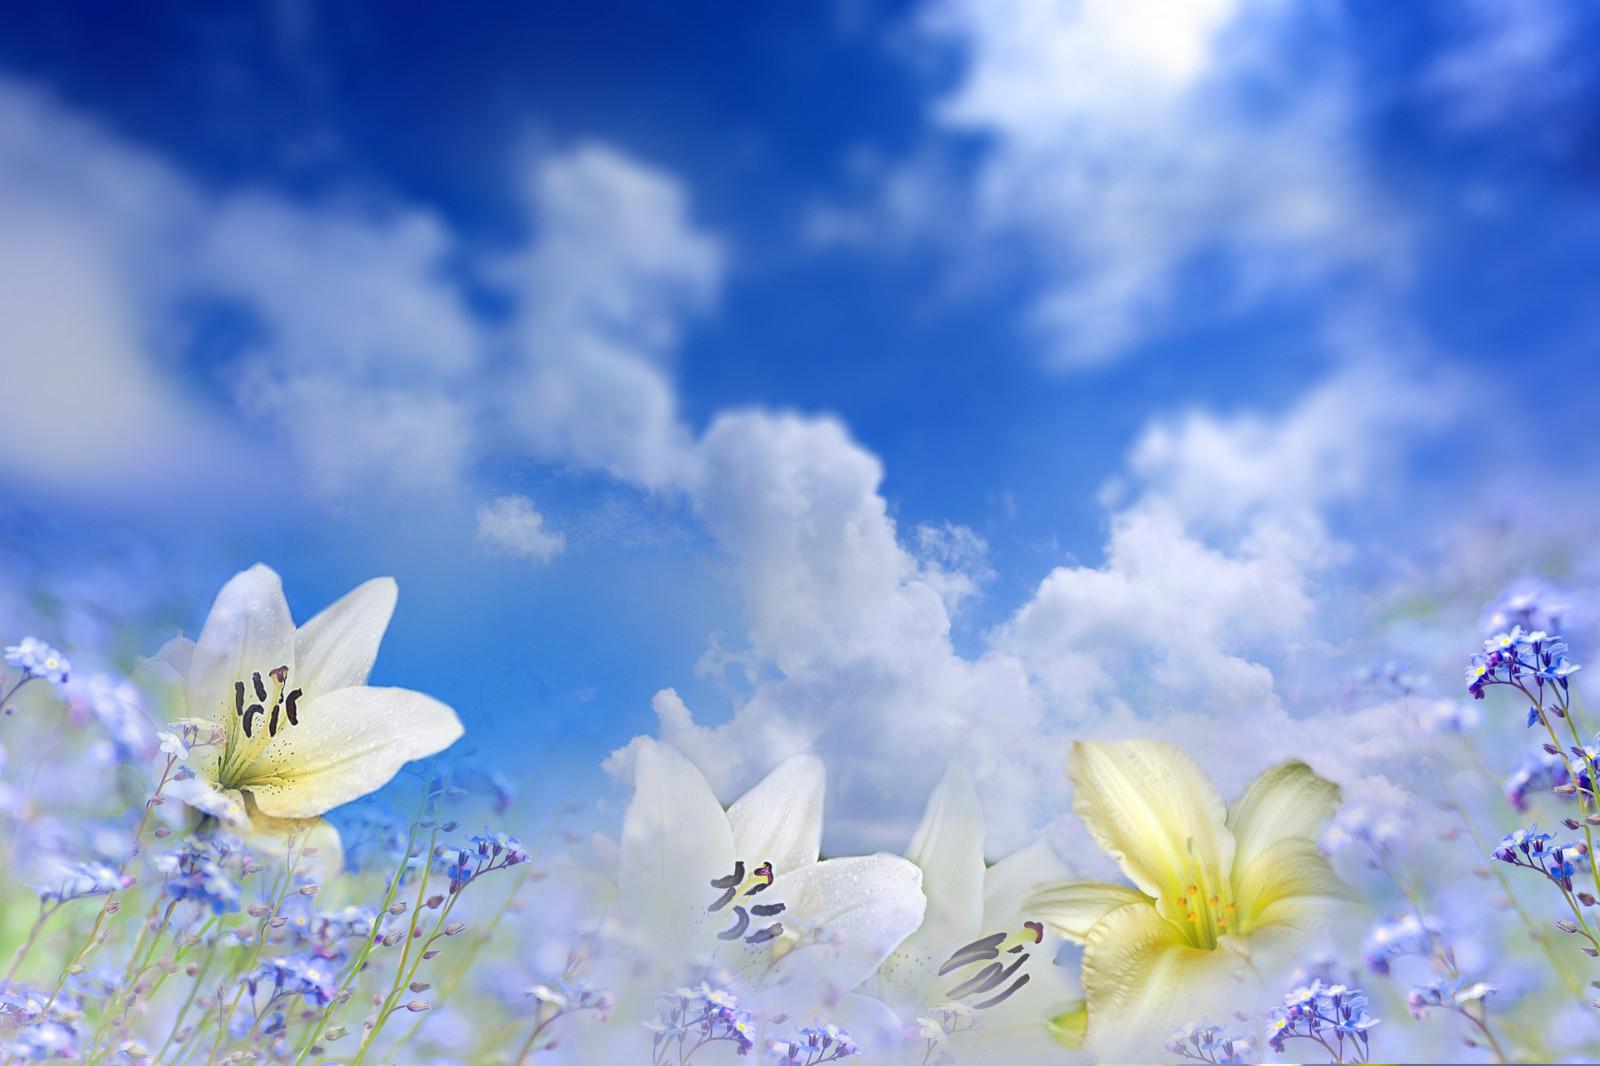 手工制作赞美祖国花